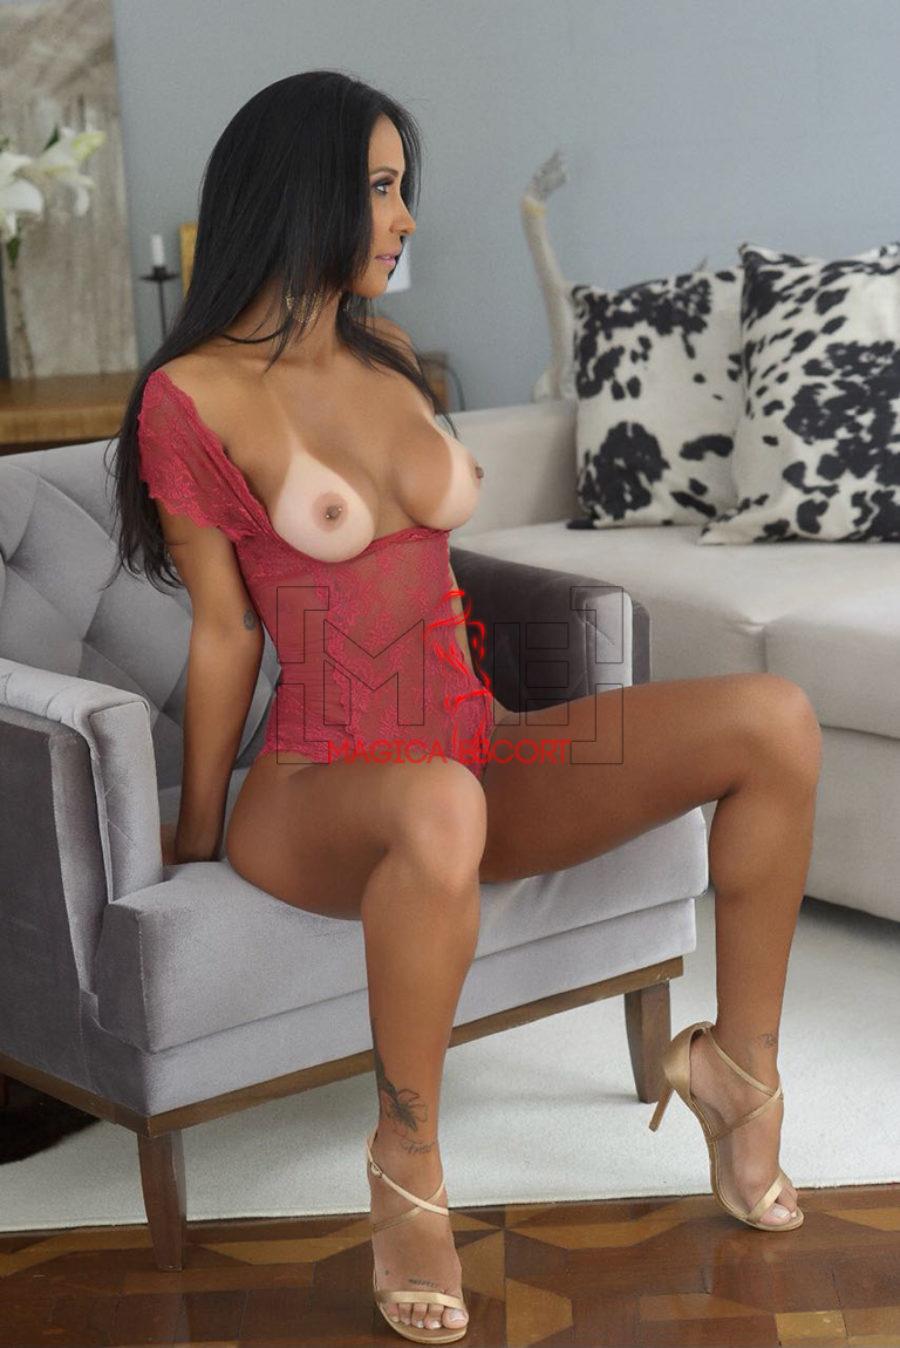 Carmela brasiliana top class Roma fotografata a seno nudo nella poltrona di casa. Magica Escort